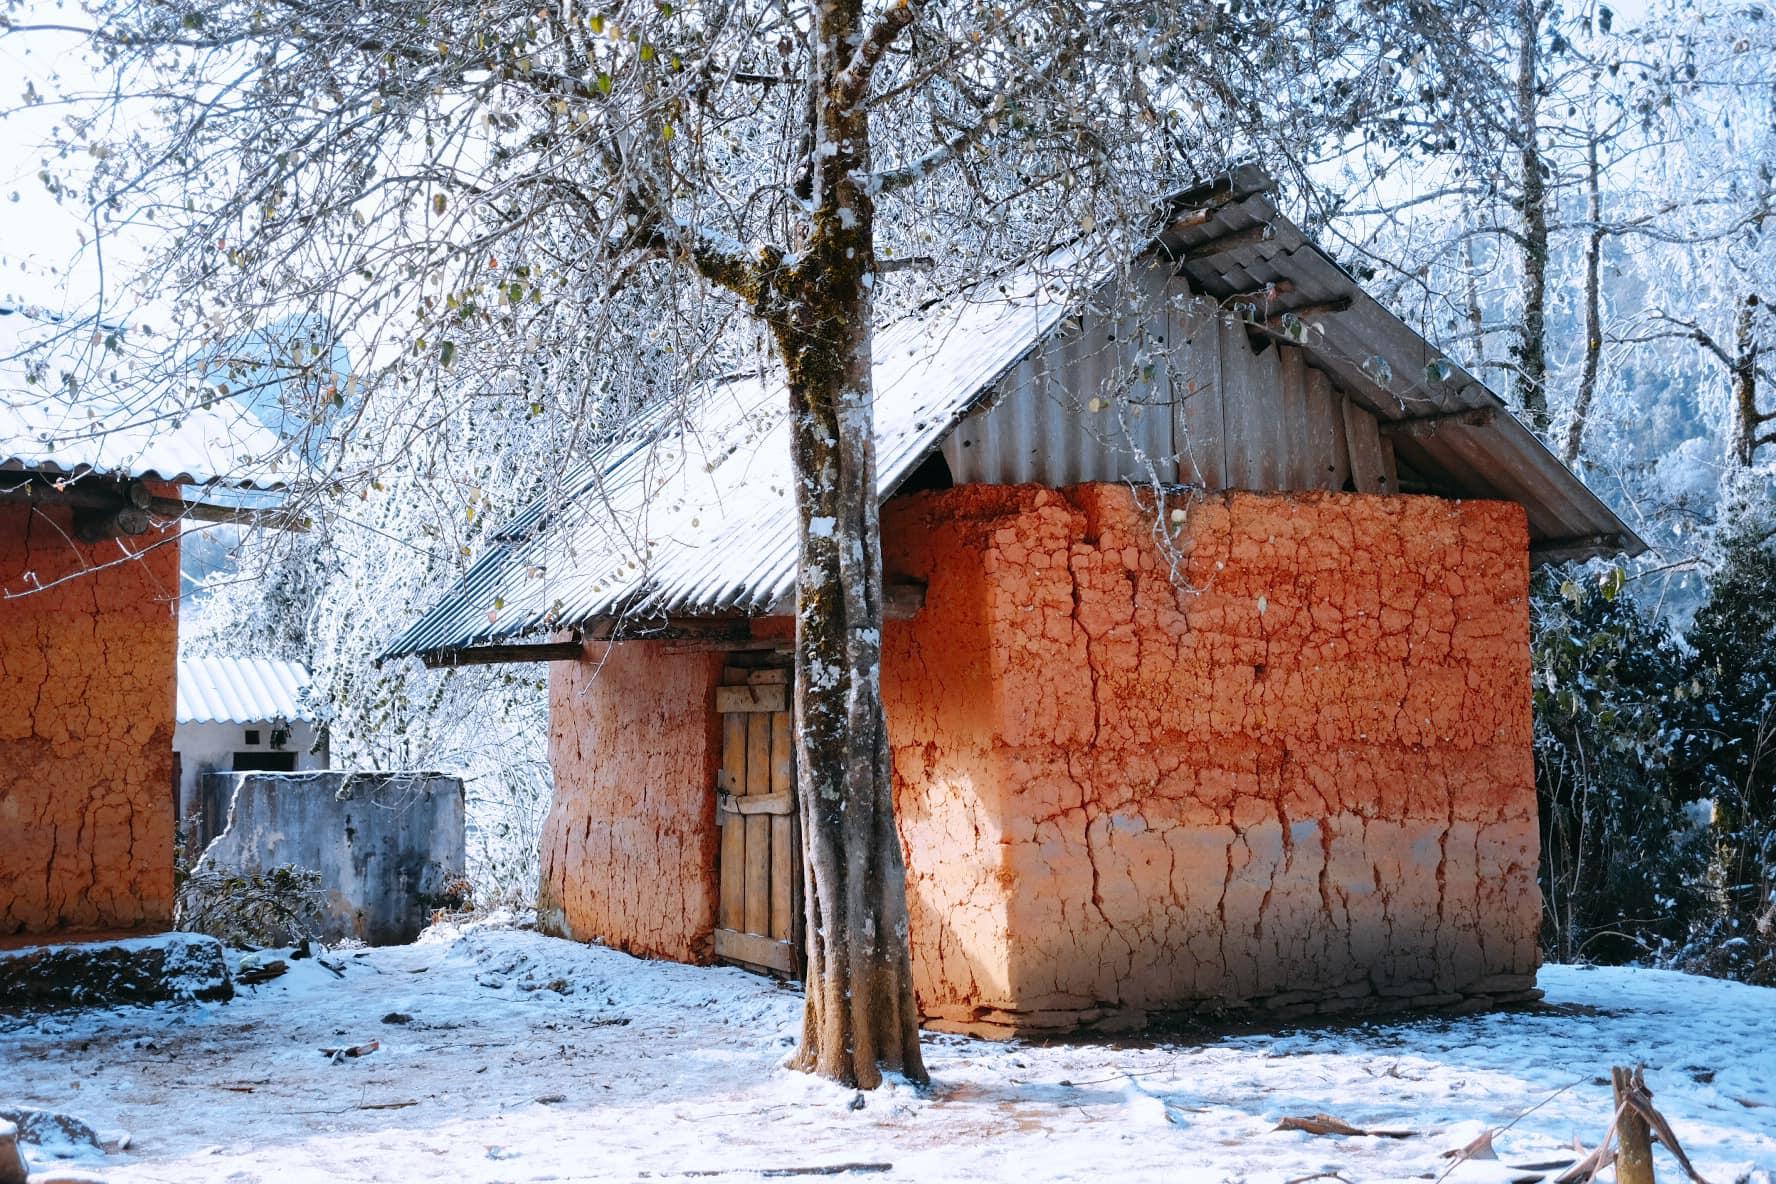 Yên bình cảnh tuyết rơi ở làng Nhị Hà - Nguồn ảnh: Nguyễn Quỳnh Trang Chu